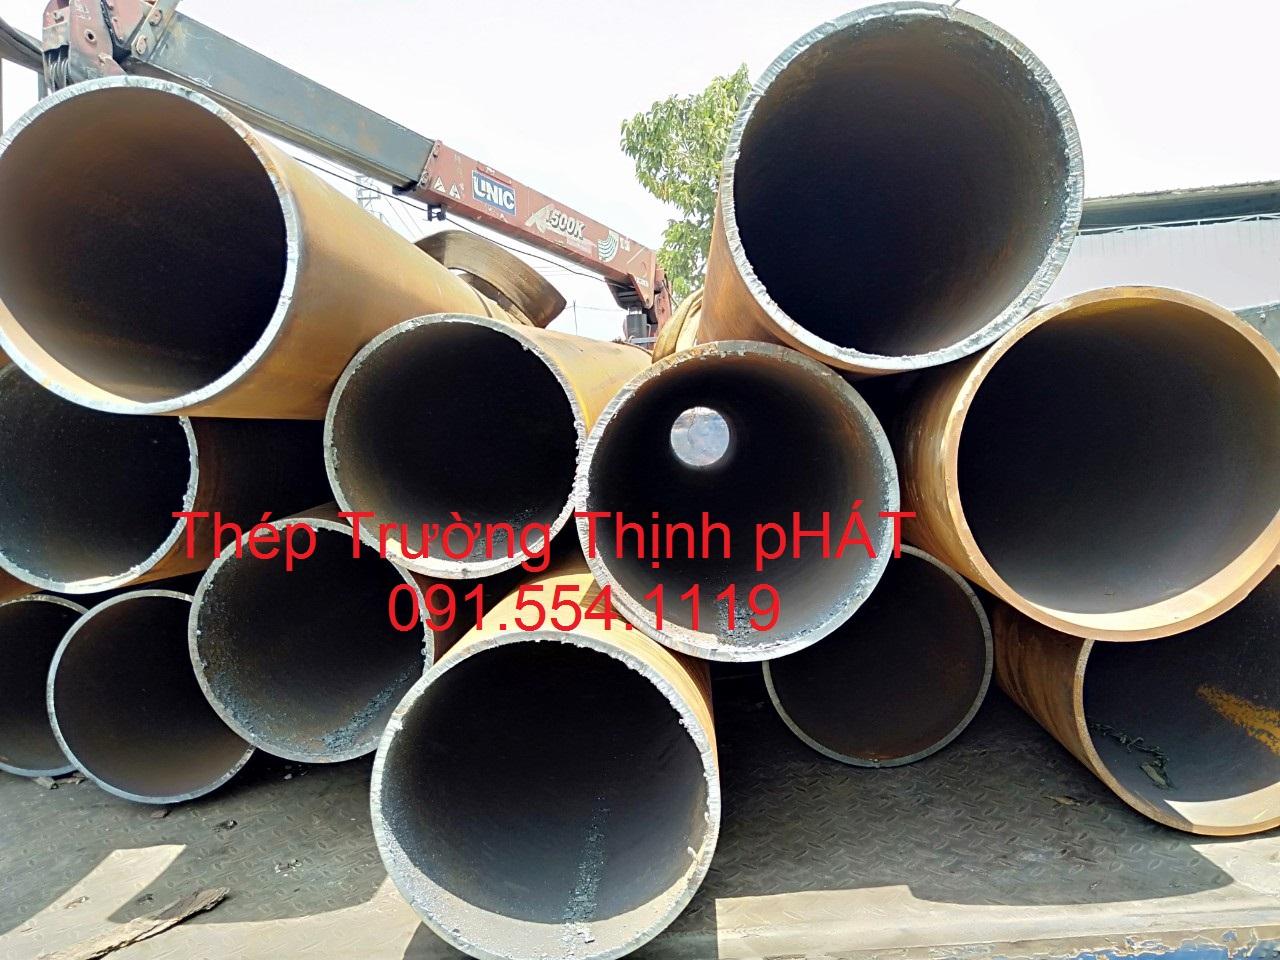 Bán thép ống đúc phi 406,ống thép đúc phi 406,đường kính thép ống phi 406